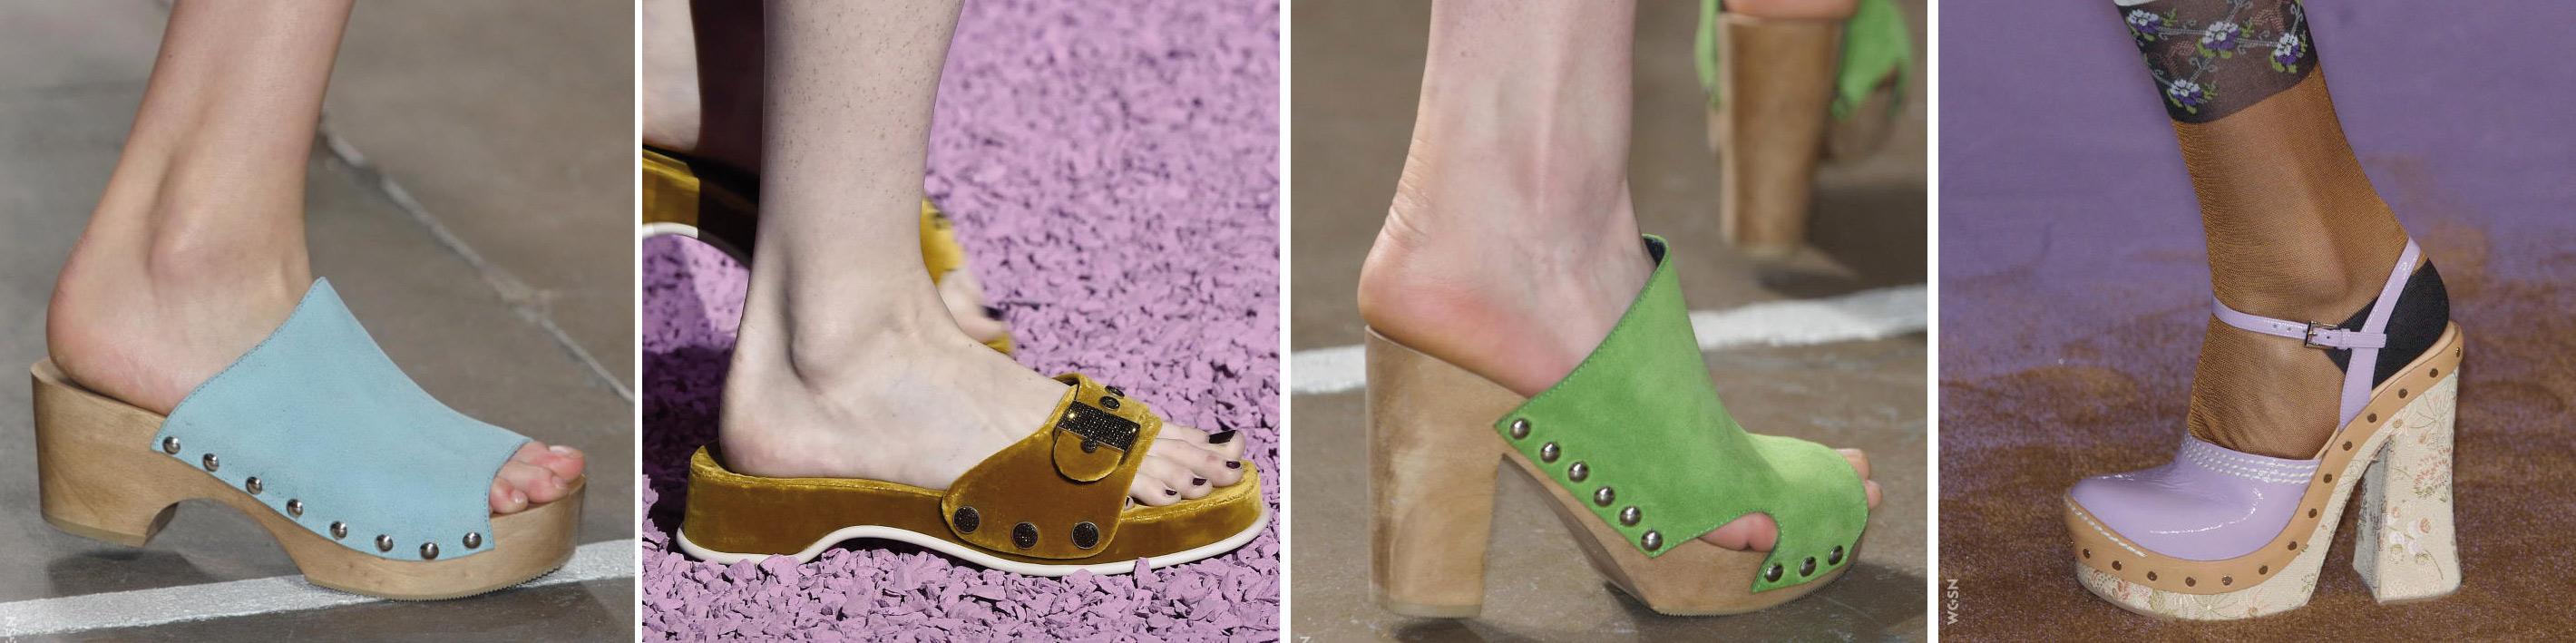 d0d1a8bc0fa Zapatos clave de mujer para primavera-verano 2016